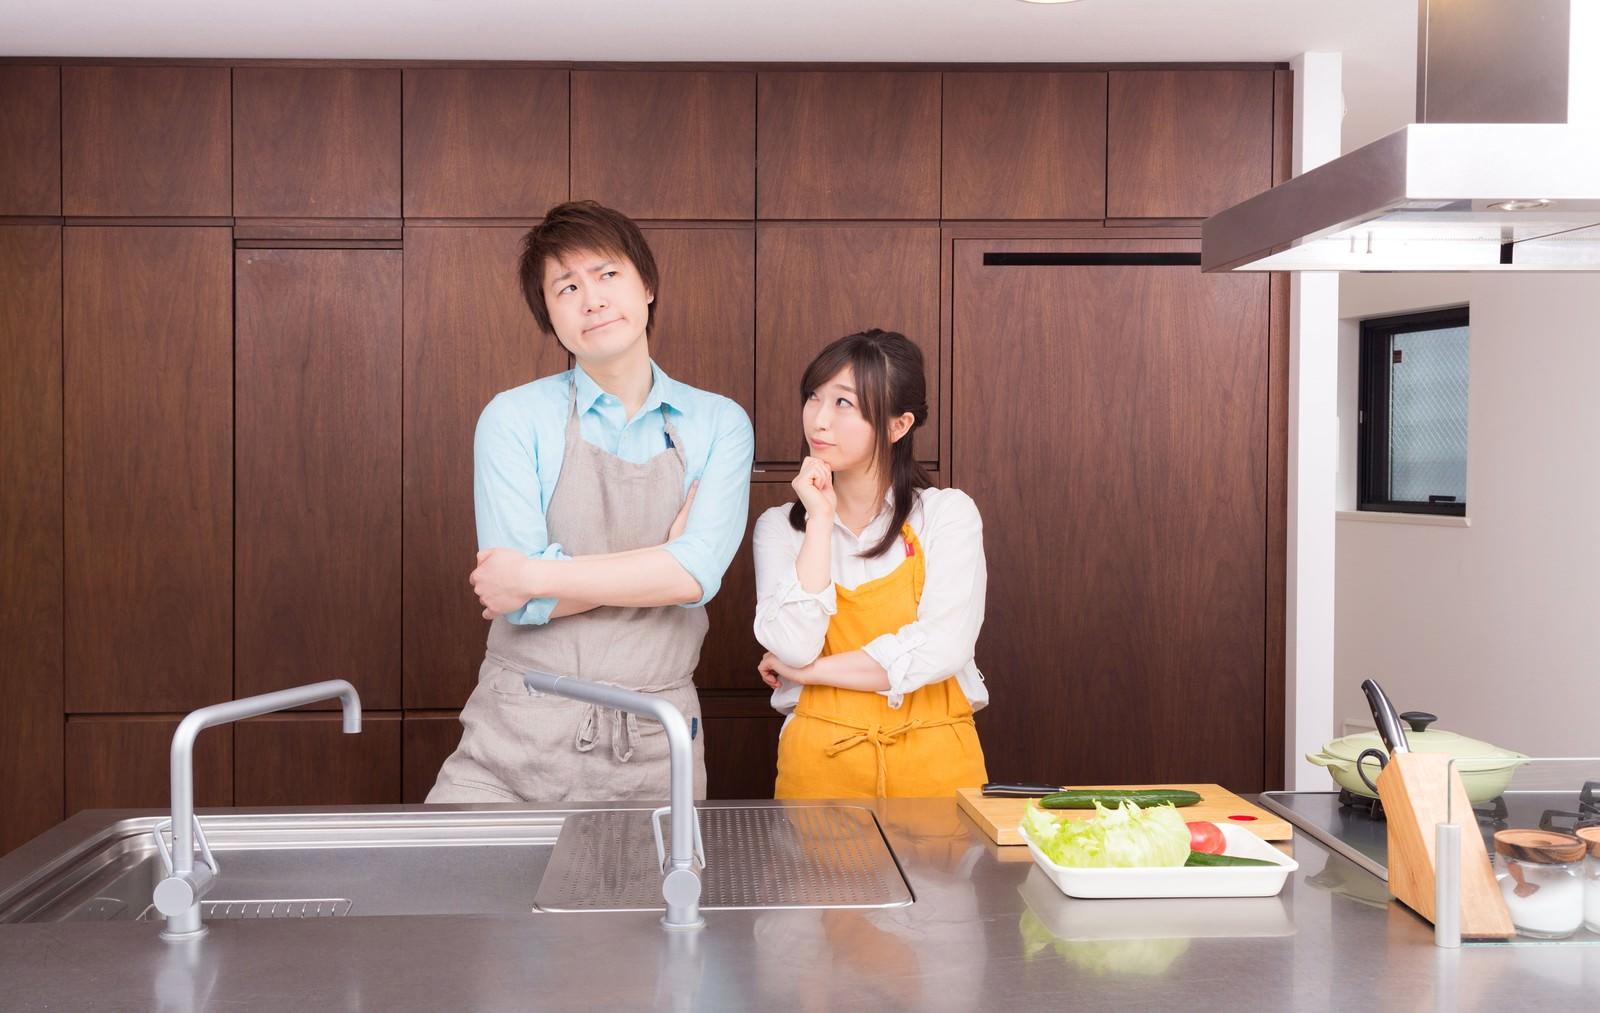 「今日の夕食レシピは何にしようか?と考える夫婦 | 写真の無料素材・フリー素材 - ぱくたそ」の写真[モデル:五十嵐夫妻]